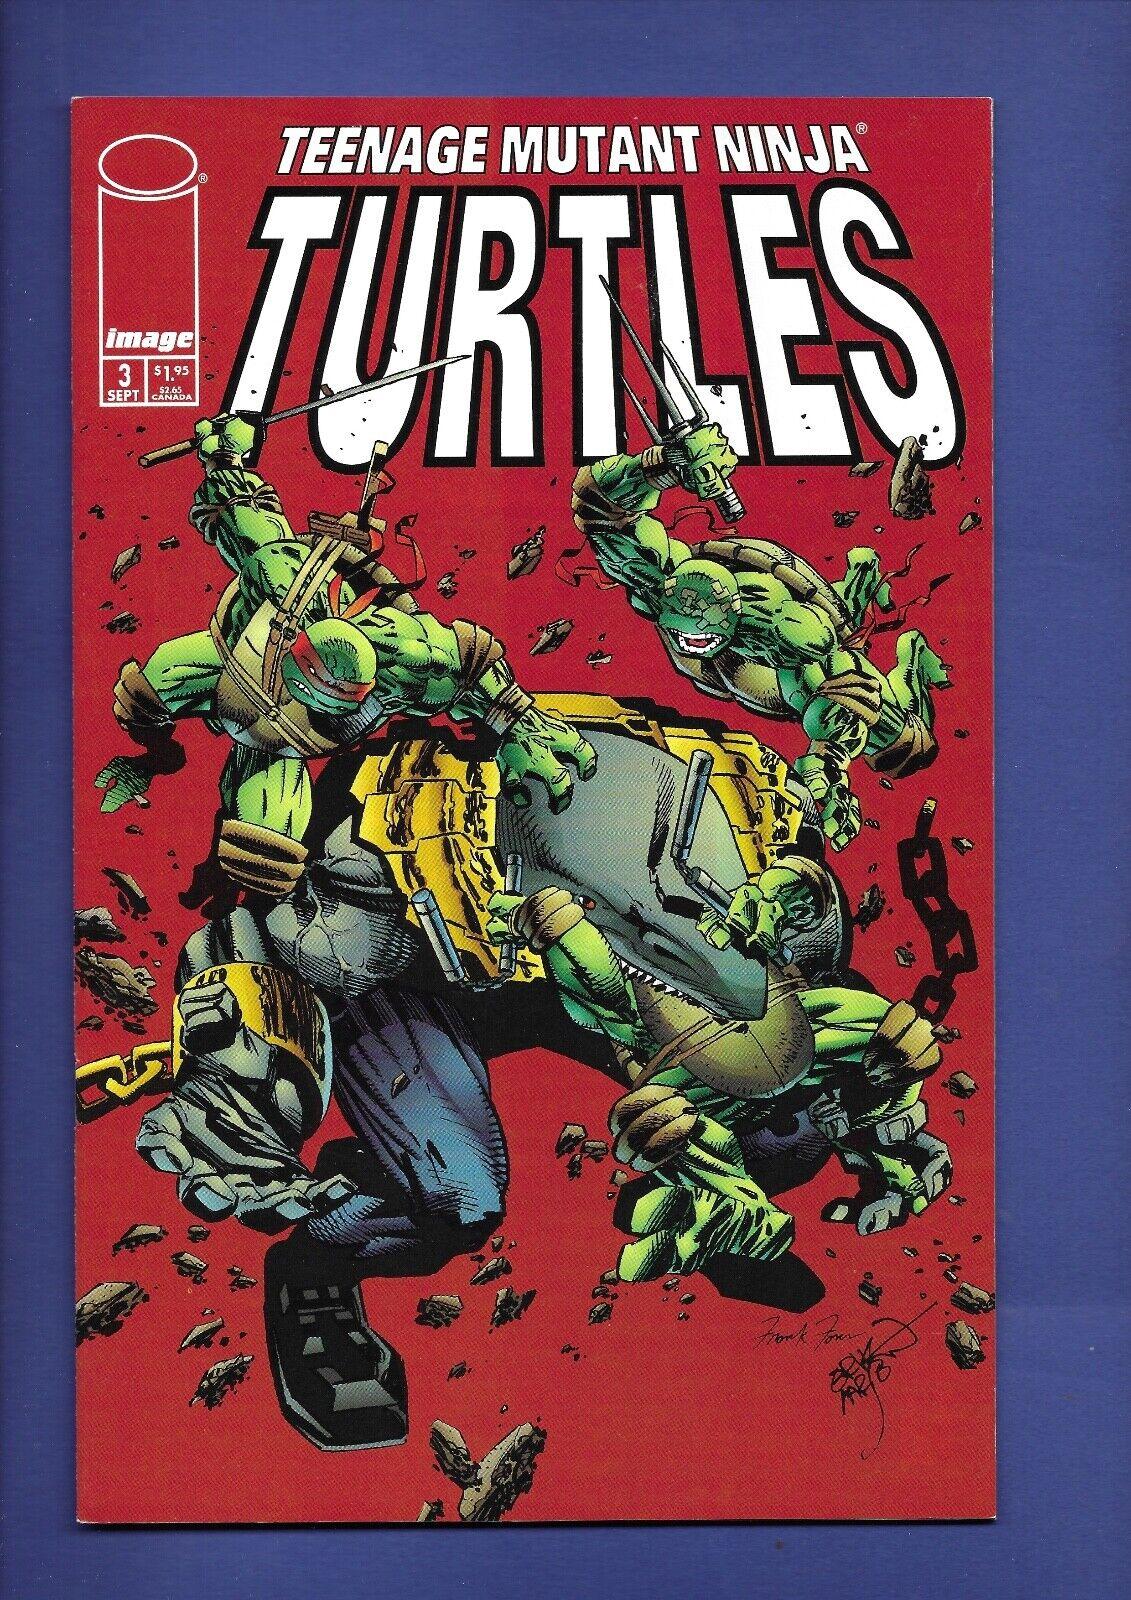 Teenage Mutant Ninja Turtles Vol. 3 3 12 Rare 1998 Image Comics 1st Print LOT - $9.99